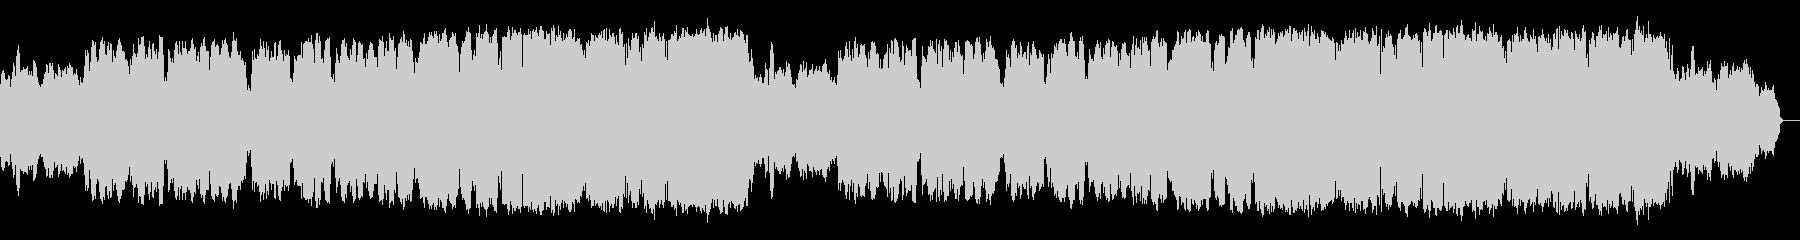 クラリネットが奏でる切ないロカバラ歌謡曲の未再生の波形